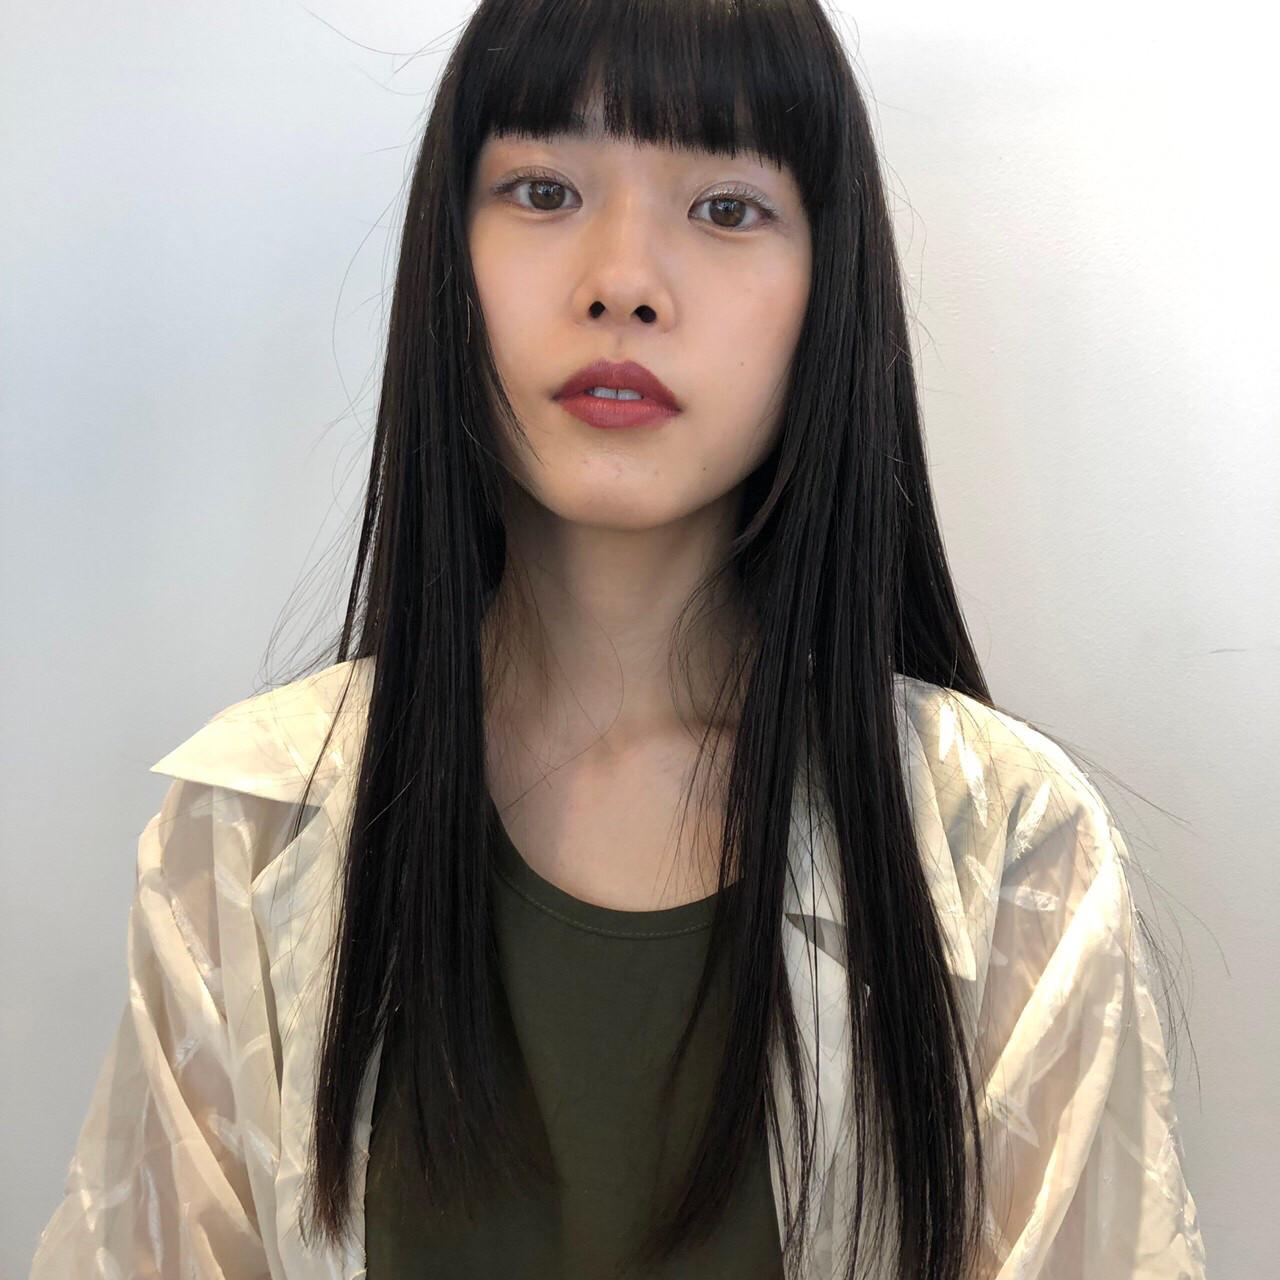 ストレート 重めバング ロング うる艶カラー ヘアスタイルや髪型の写真・画像 | 東田佳祐 / BEAUTRIUM GINZA